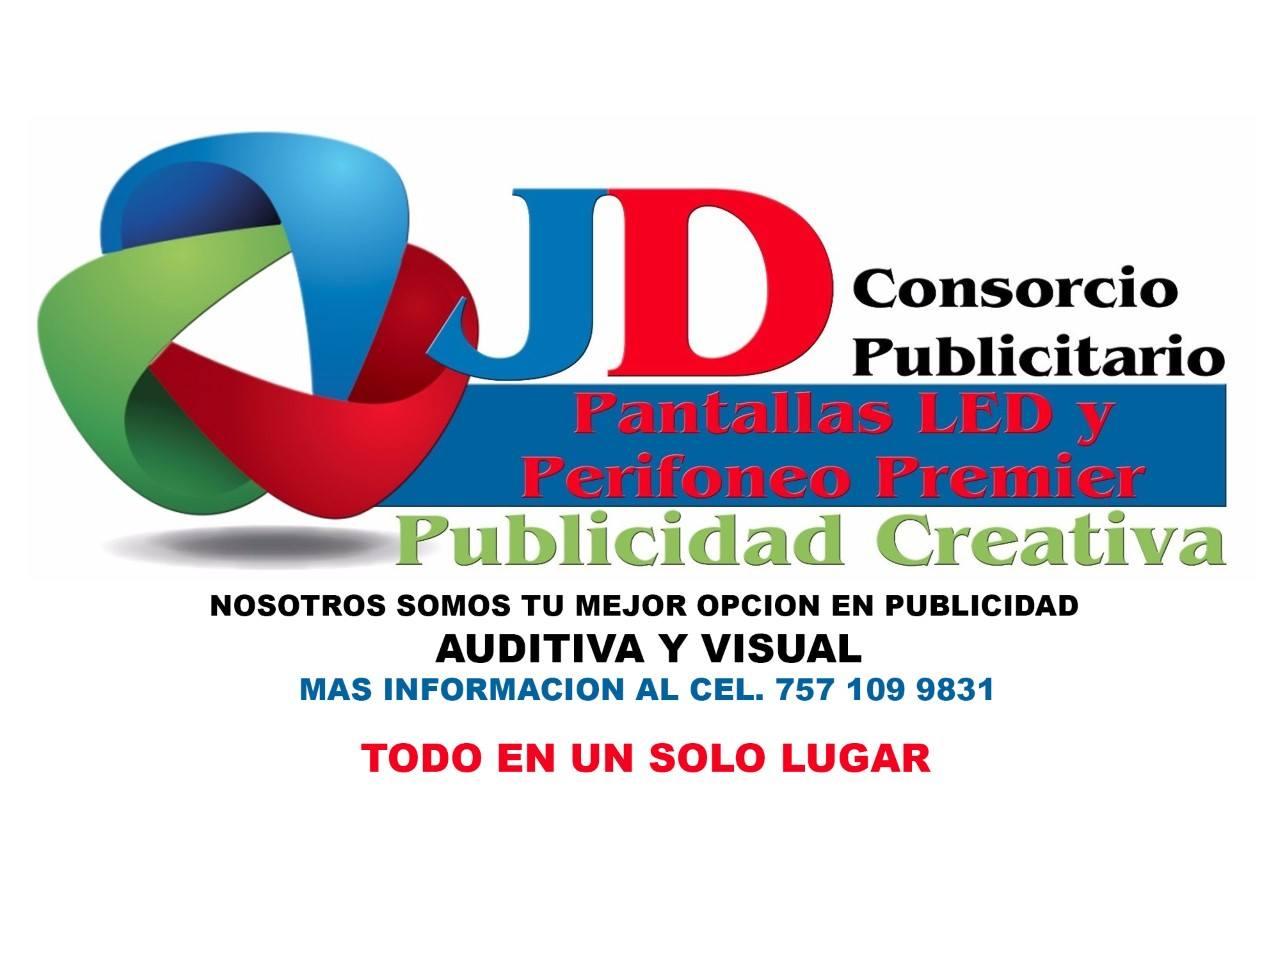 CONSORCIO PUBLICITARIO JD